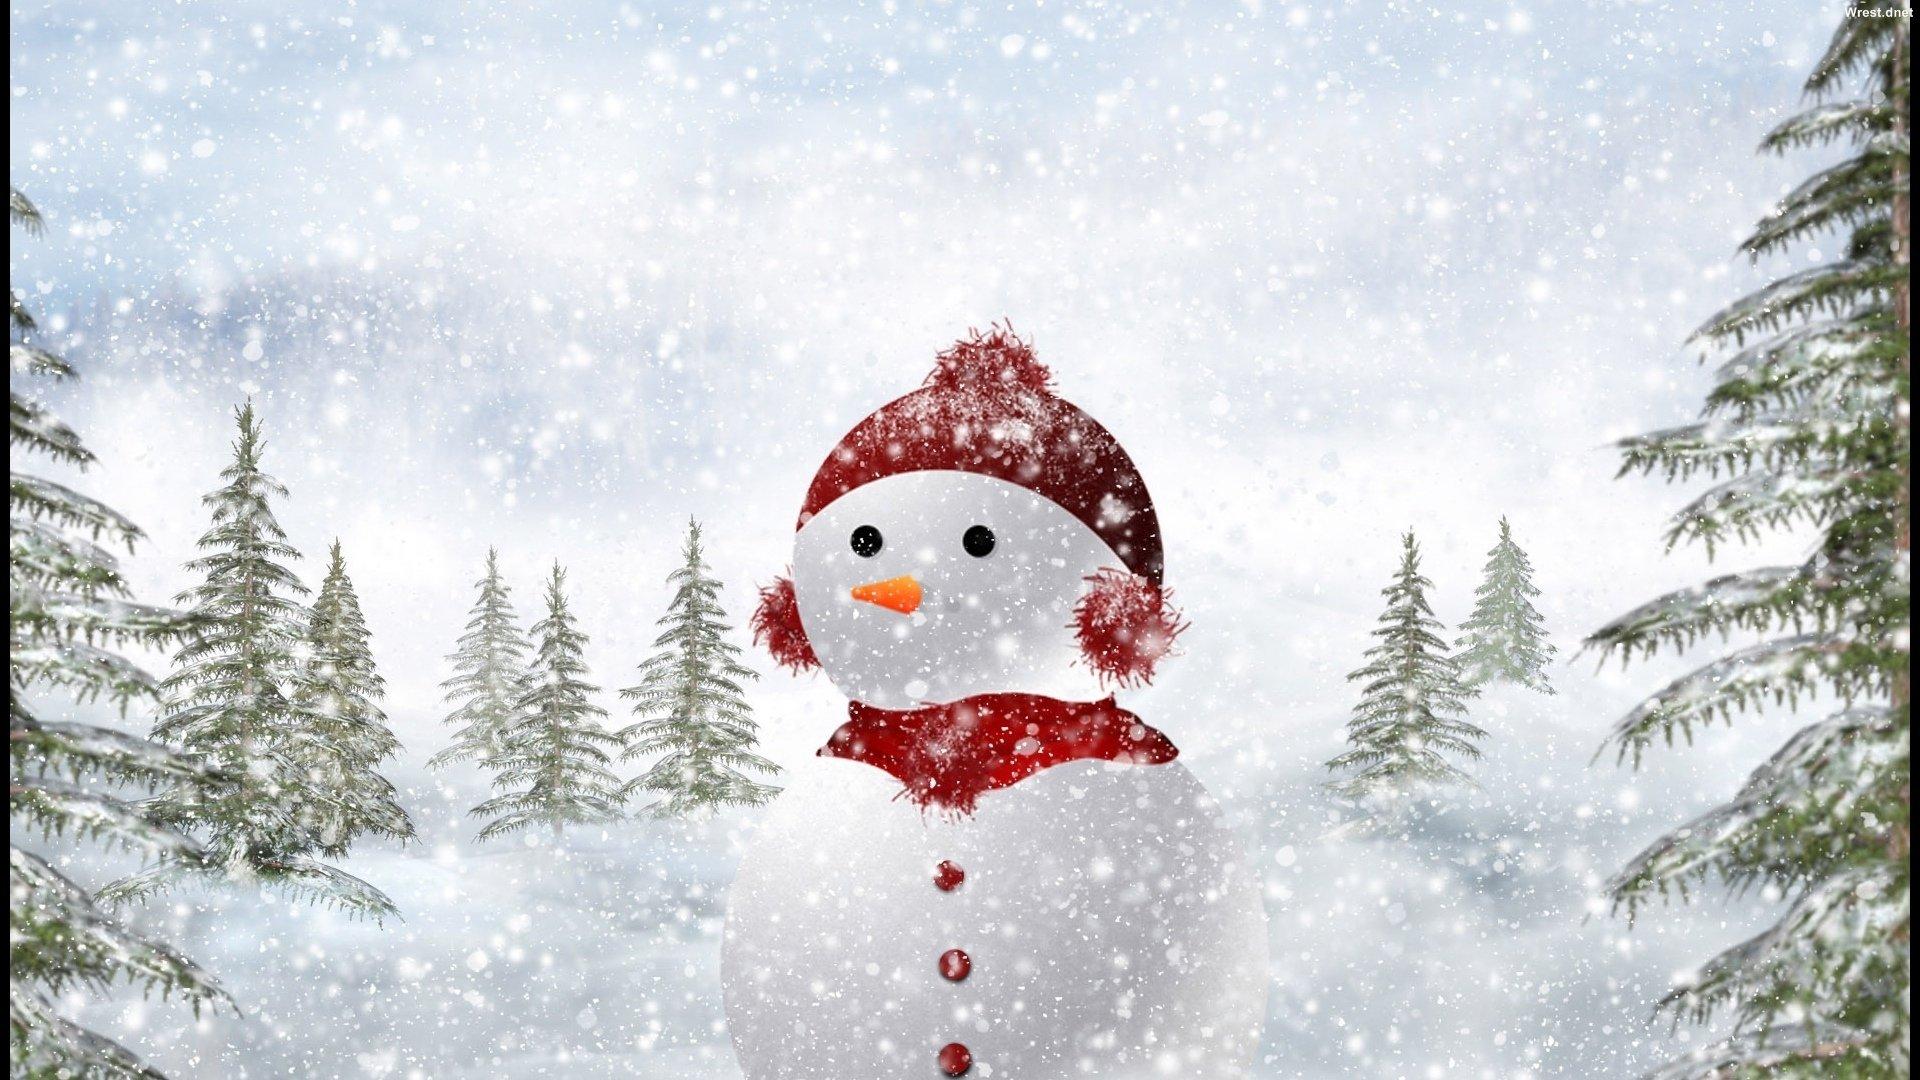 обои на телефон новый год зима снег розы флорибунда